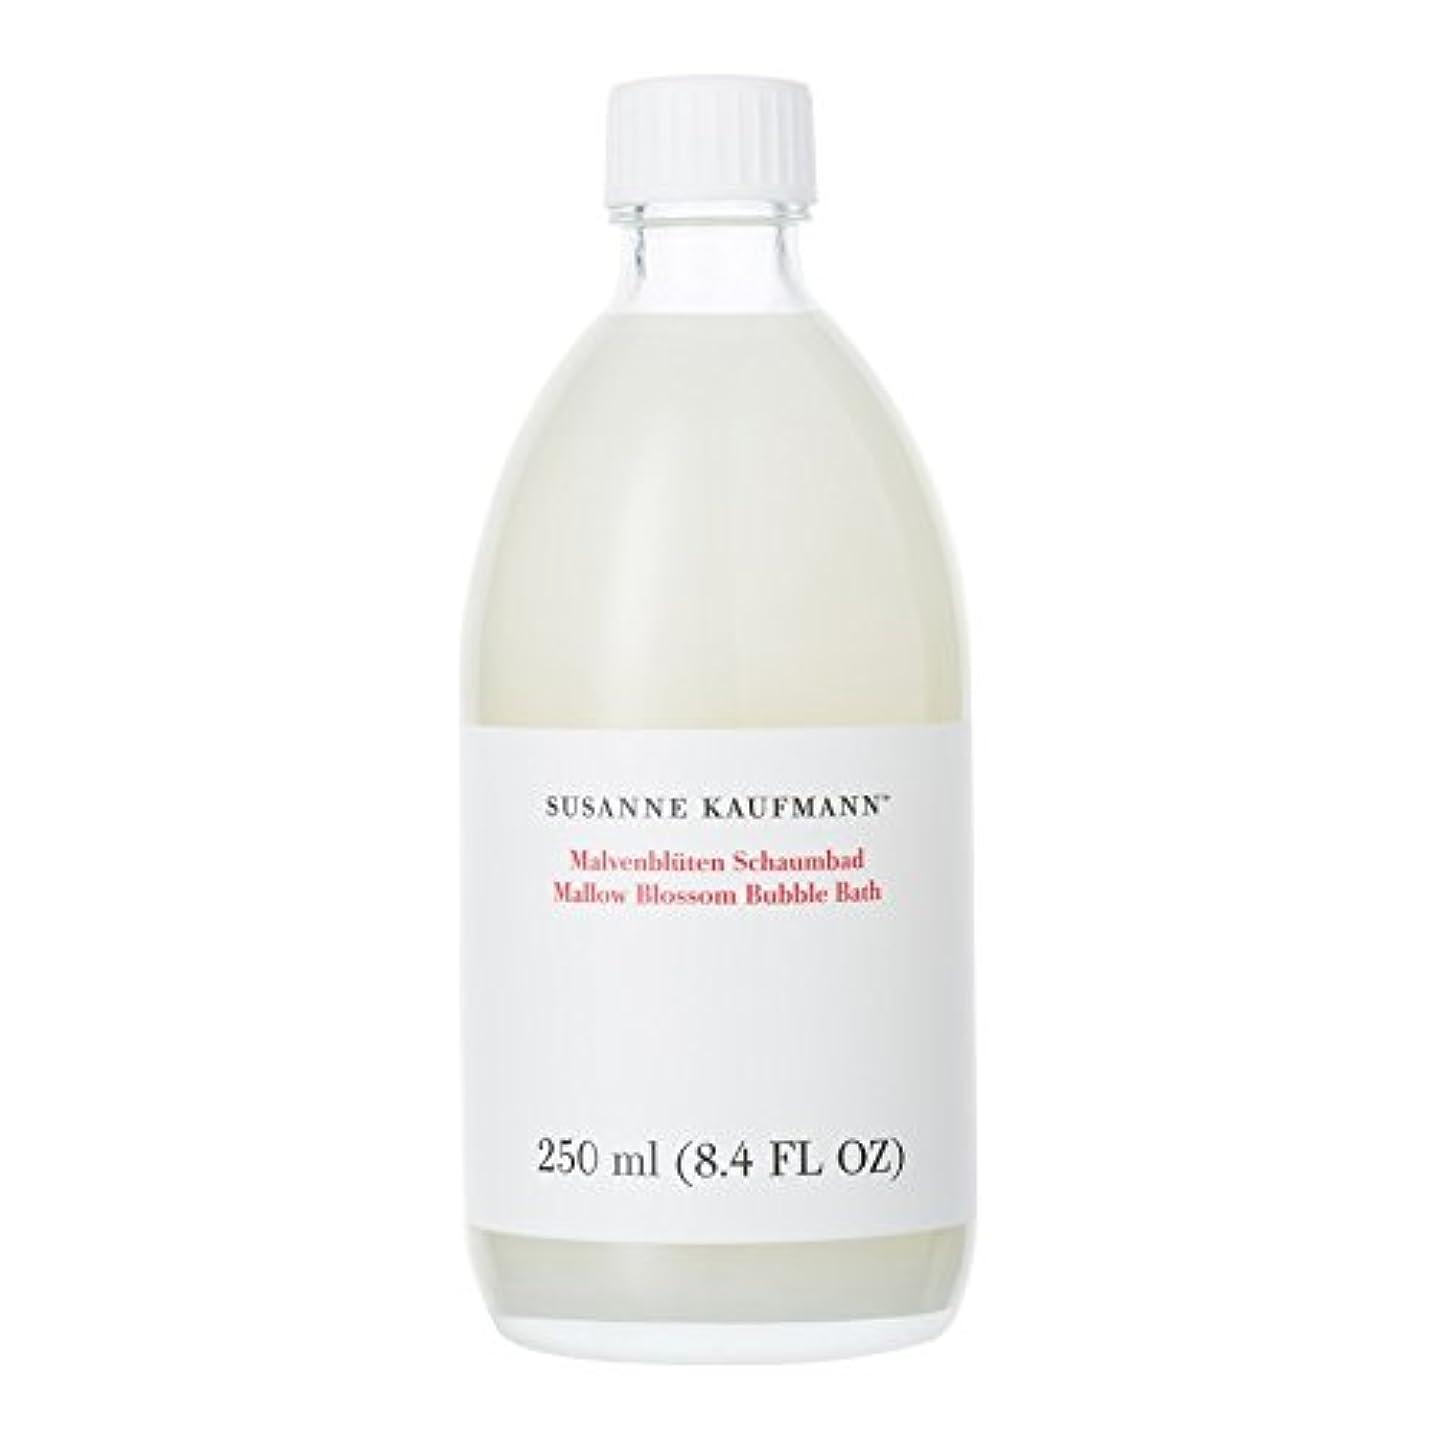 アジア人発生するマーガレットミッチェルSusanne Kaufmann Mallow Blossom Bath 250ml - スザンヌカウフマンアオイ花バス250ミリリットル [並行輸入品]